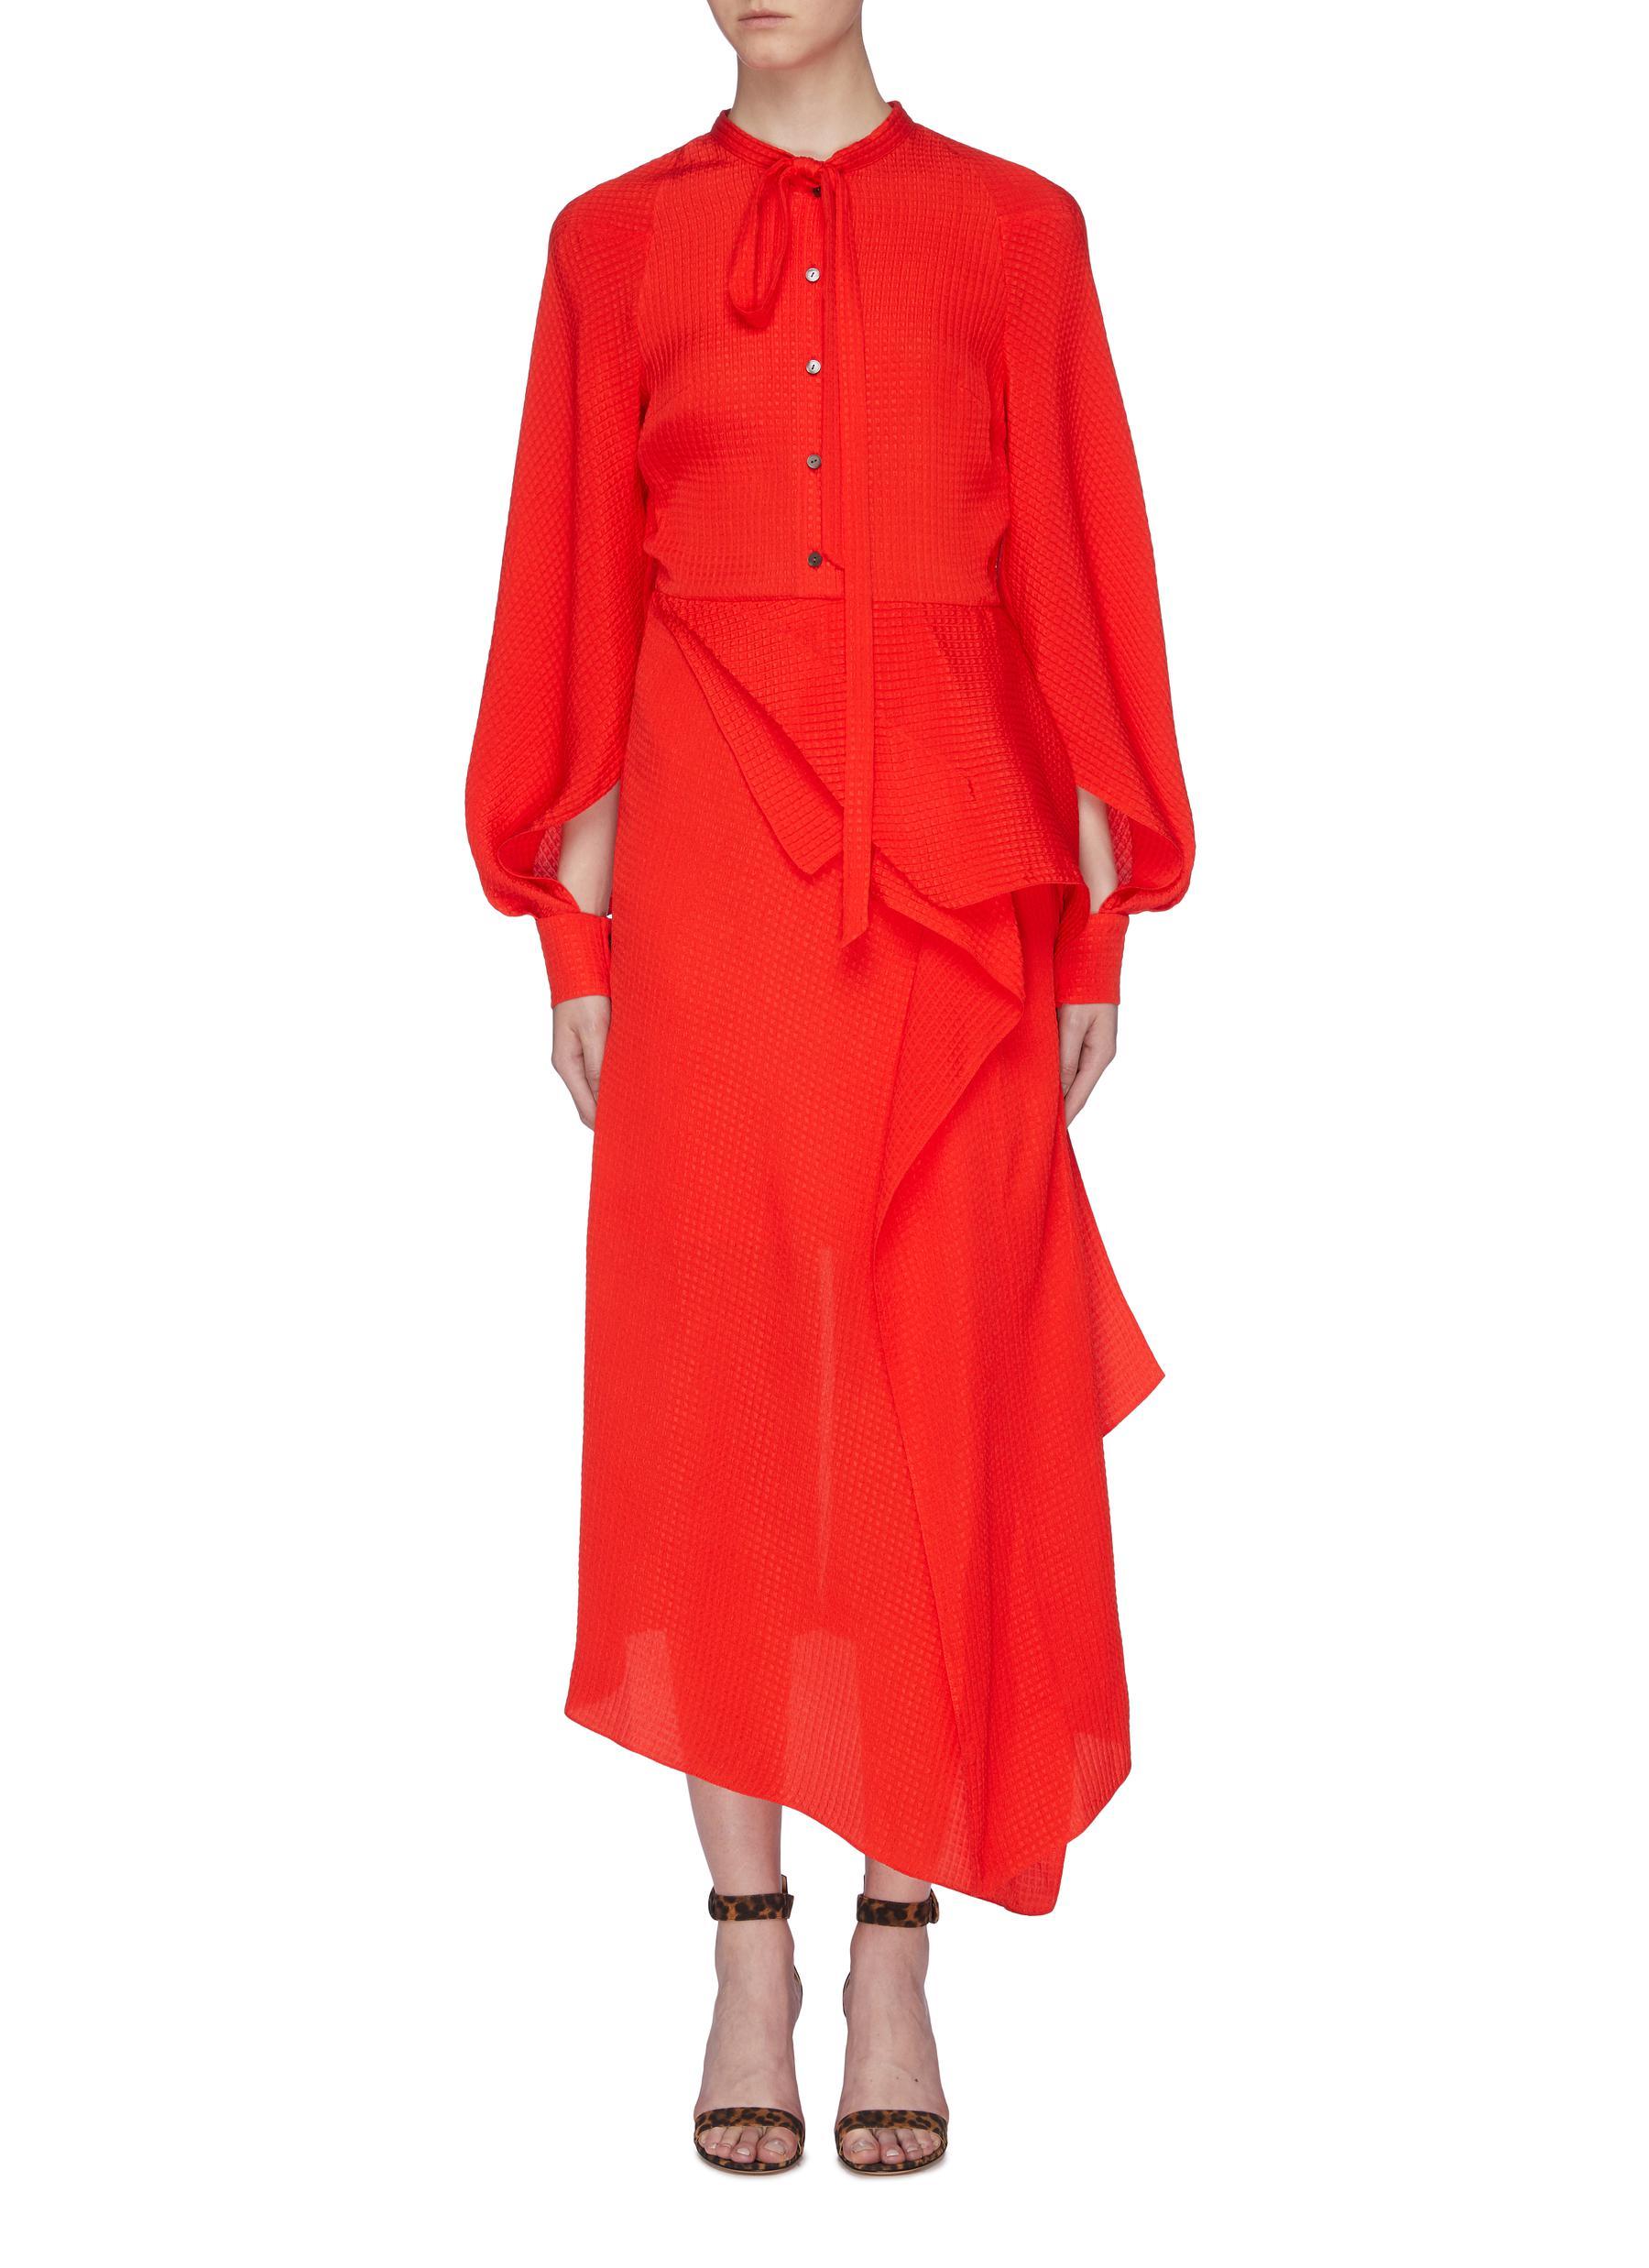 Bocana asymmetric drape silk jacquard shirt dress by Roland Mouret